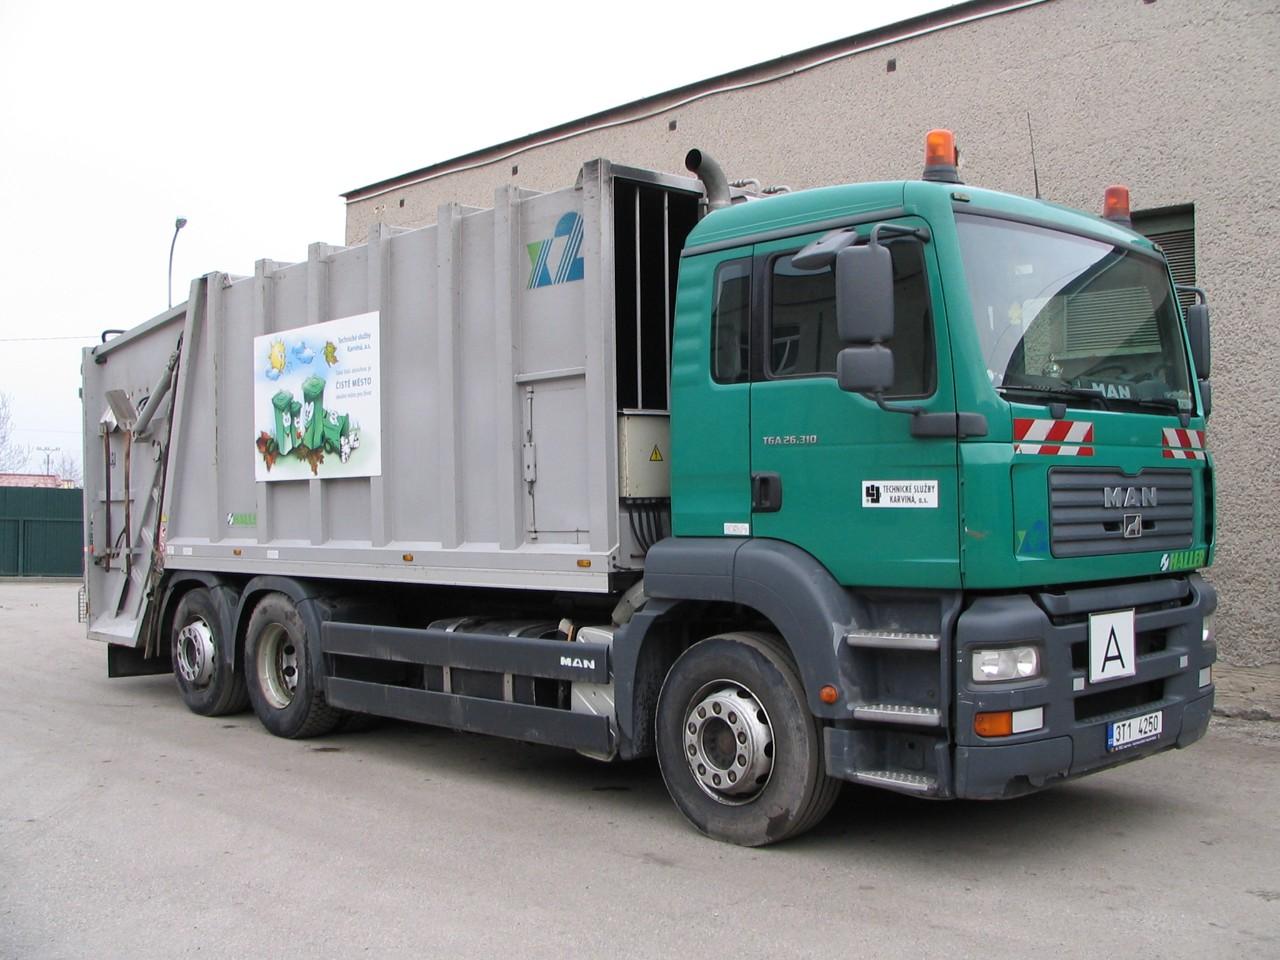 MAN - vozidlo pro sběr komunálního odpadu